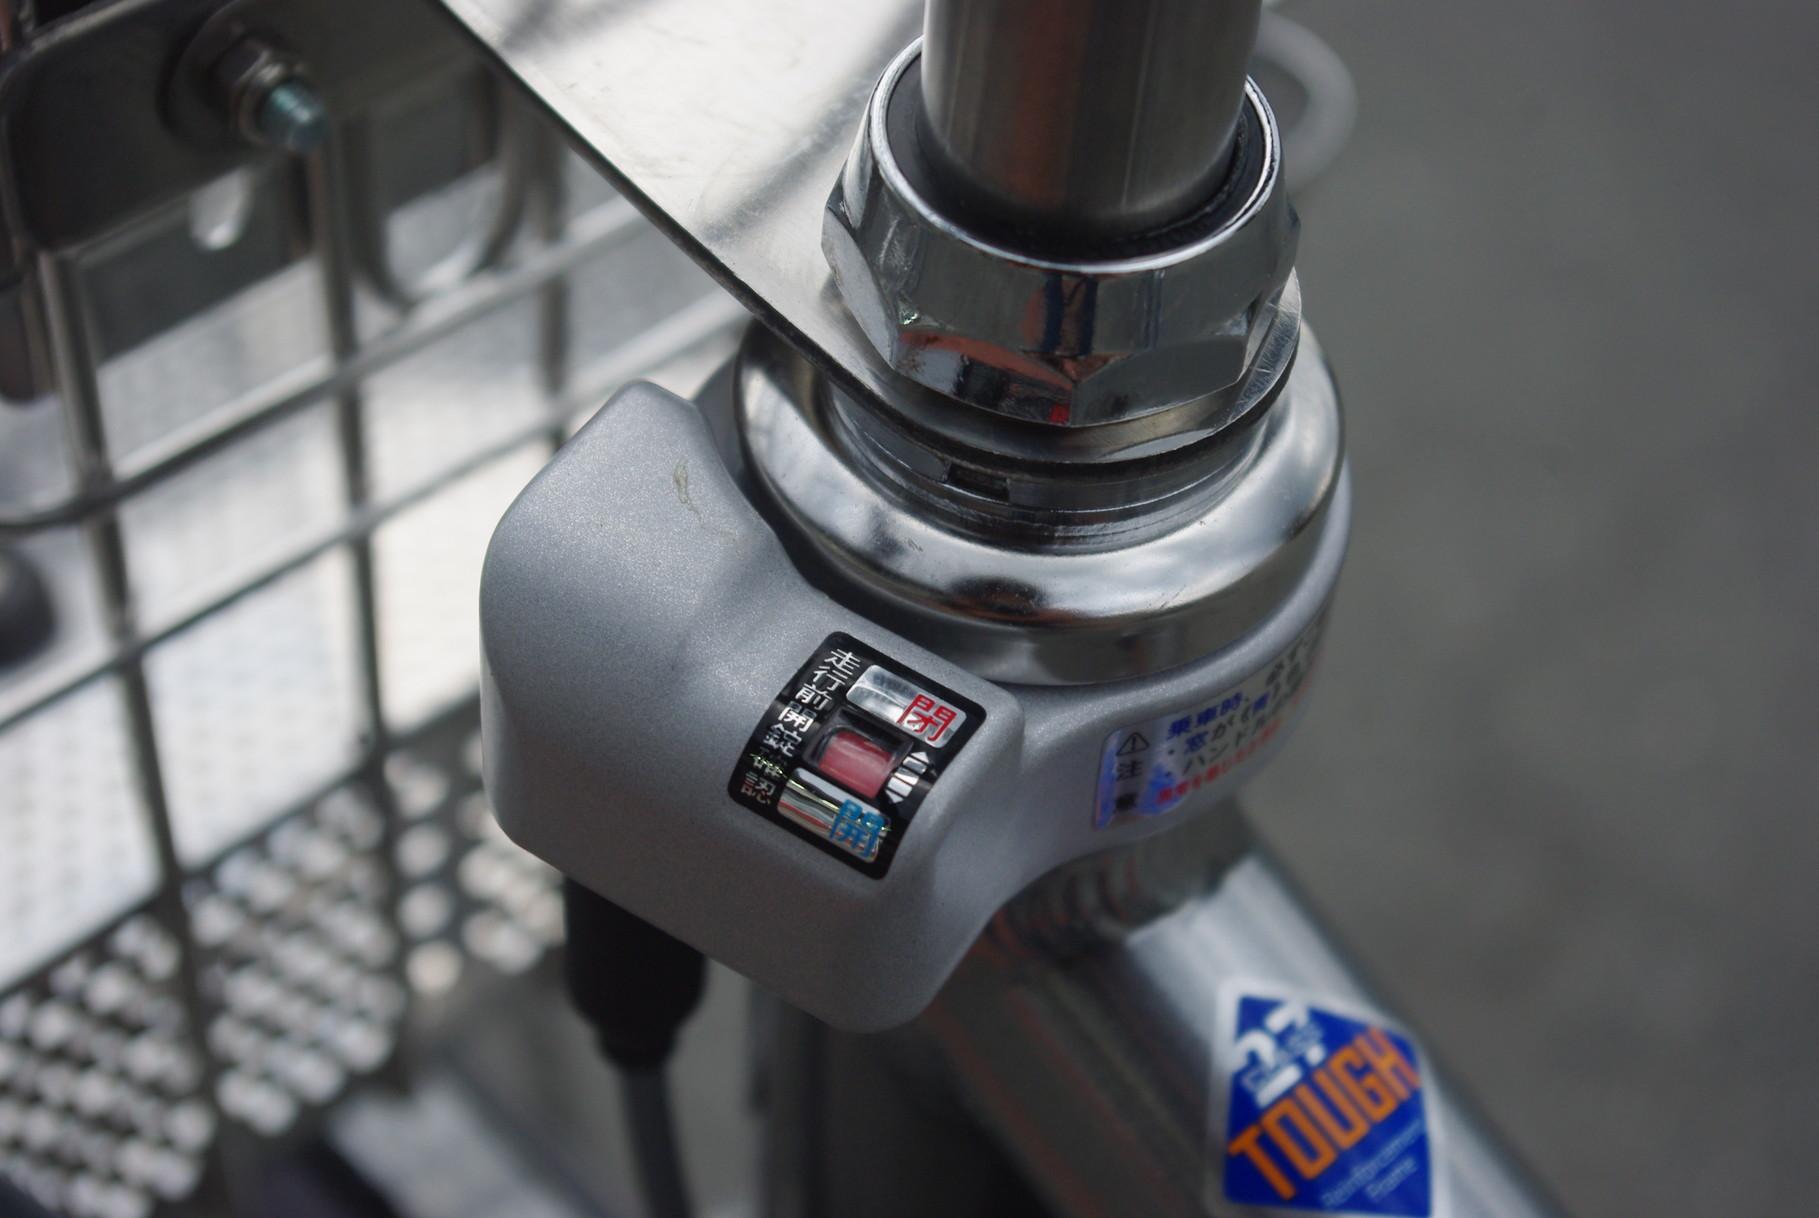 そして後輪のサークルロックと連動しているハンドルも同時にロック!一発でダブルに施錠しちゃいます!カンタンで安心!